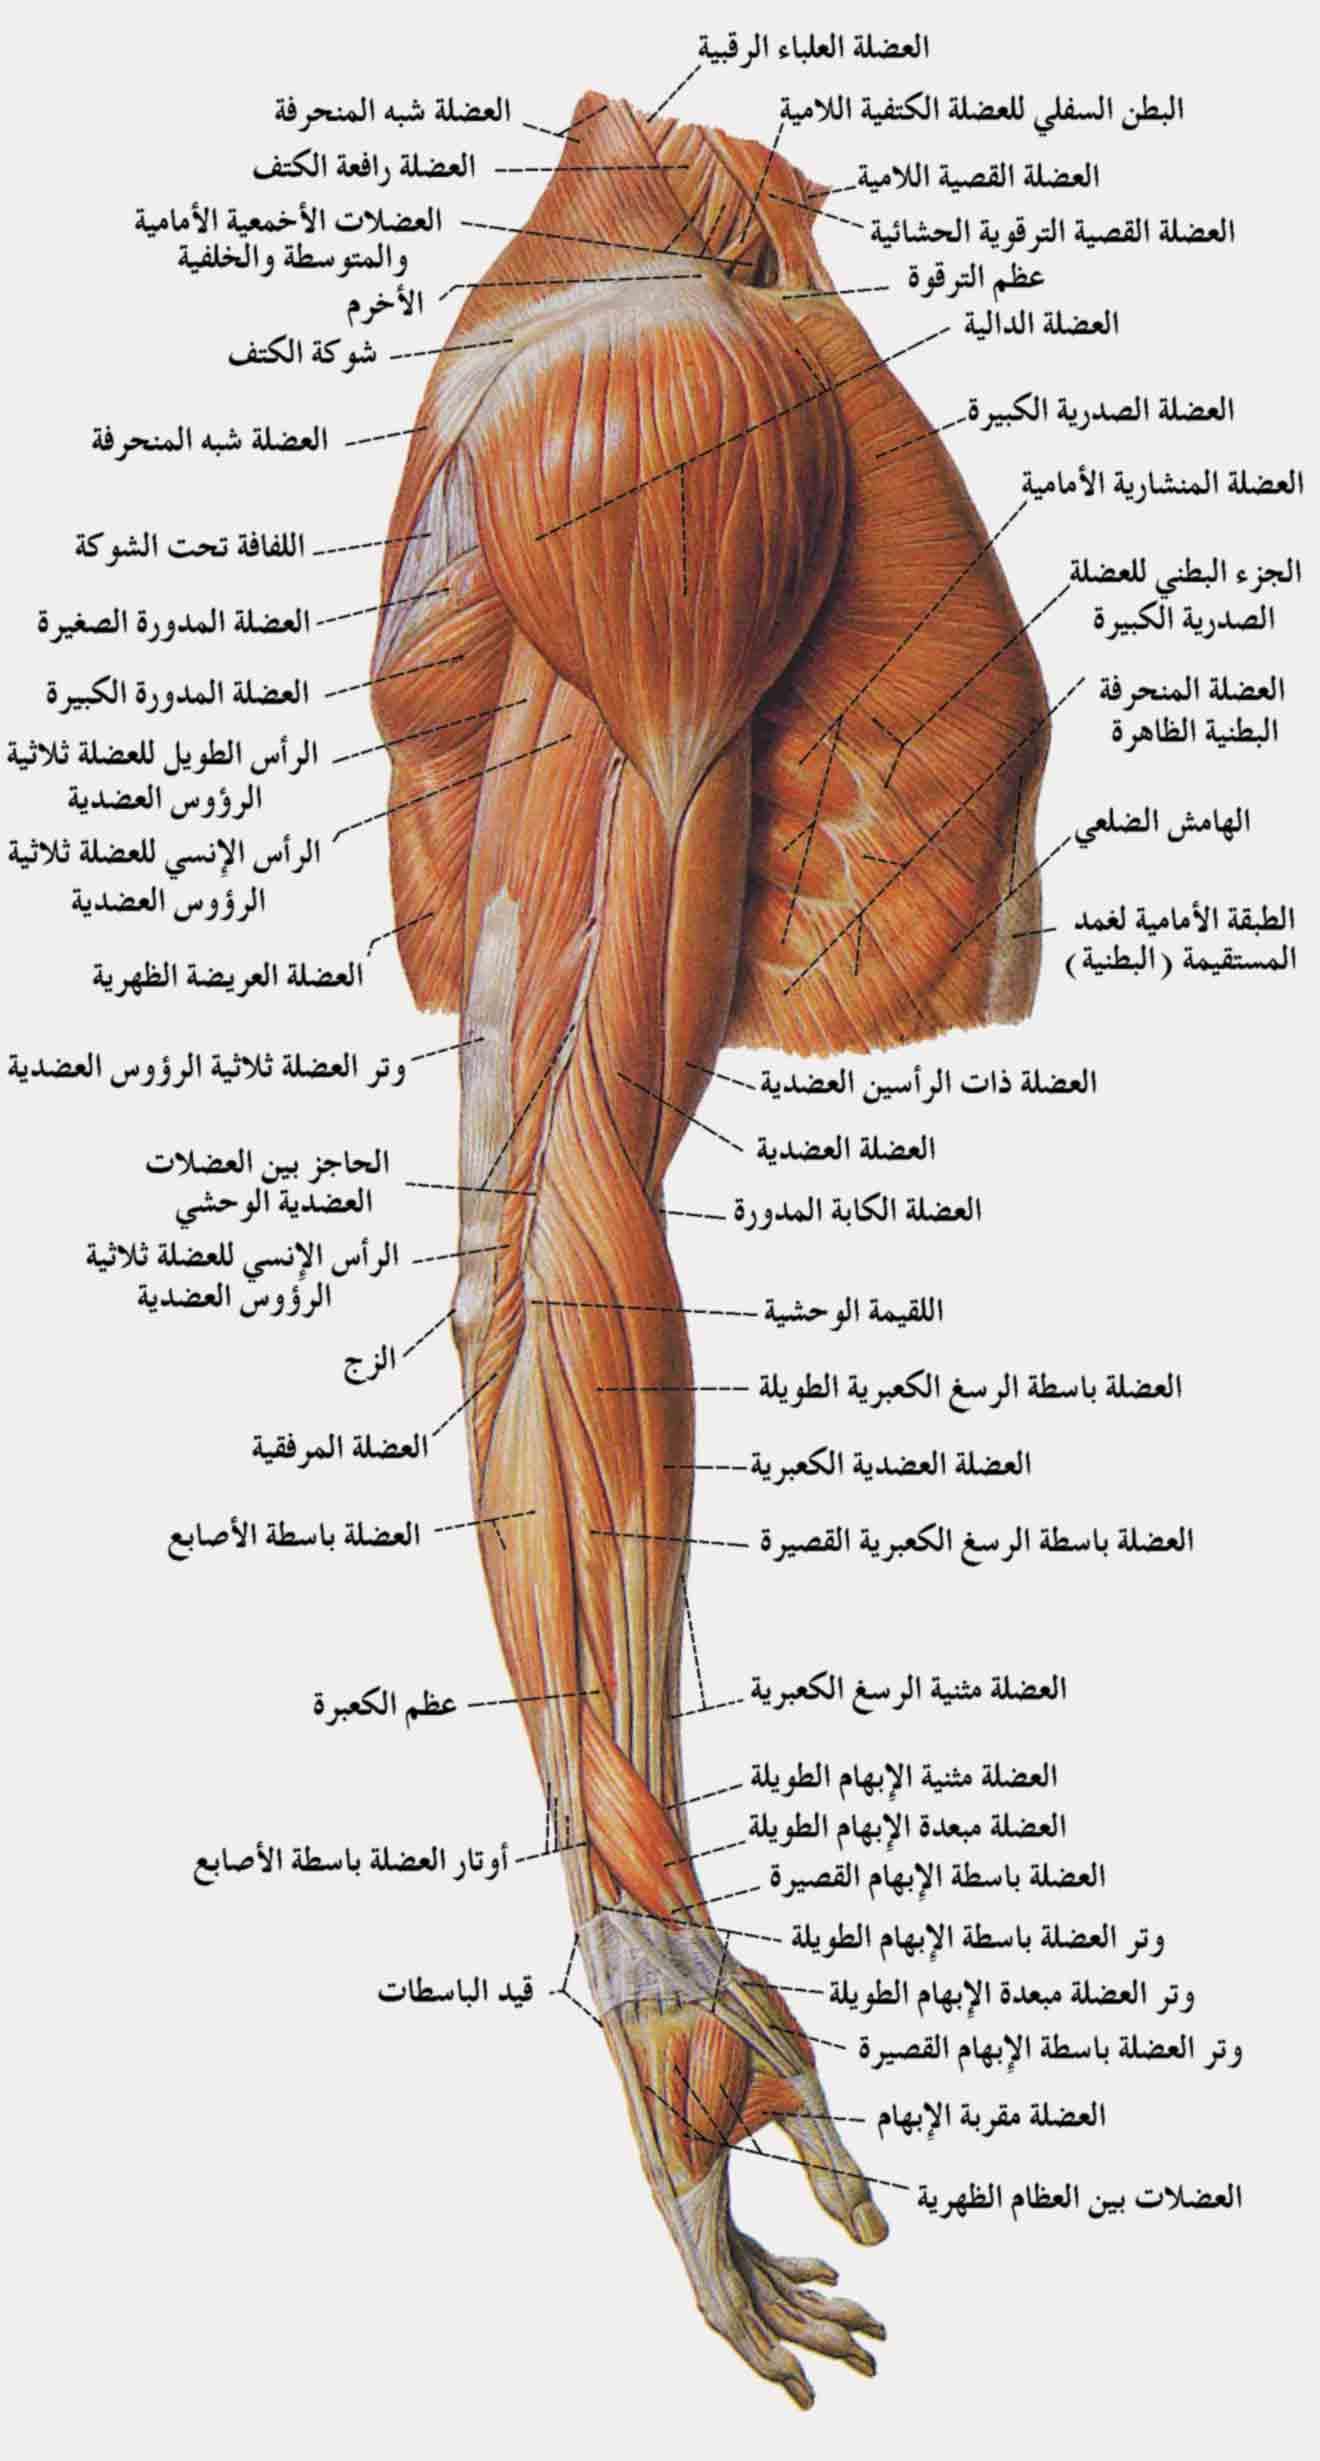 بالصور و الشرح : علم وظائف أعضاء جسم الإنسان - مع تشريح جسم الانسان - ملتقى  الشفاء الإسلامي